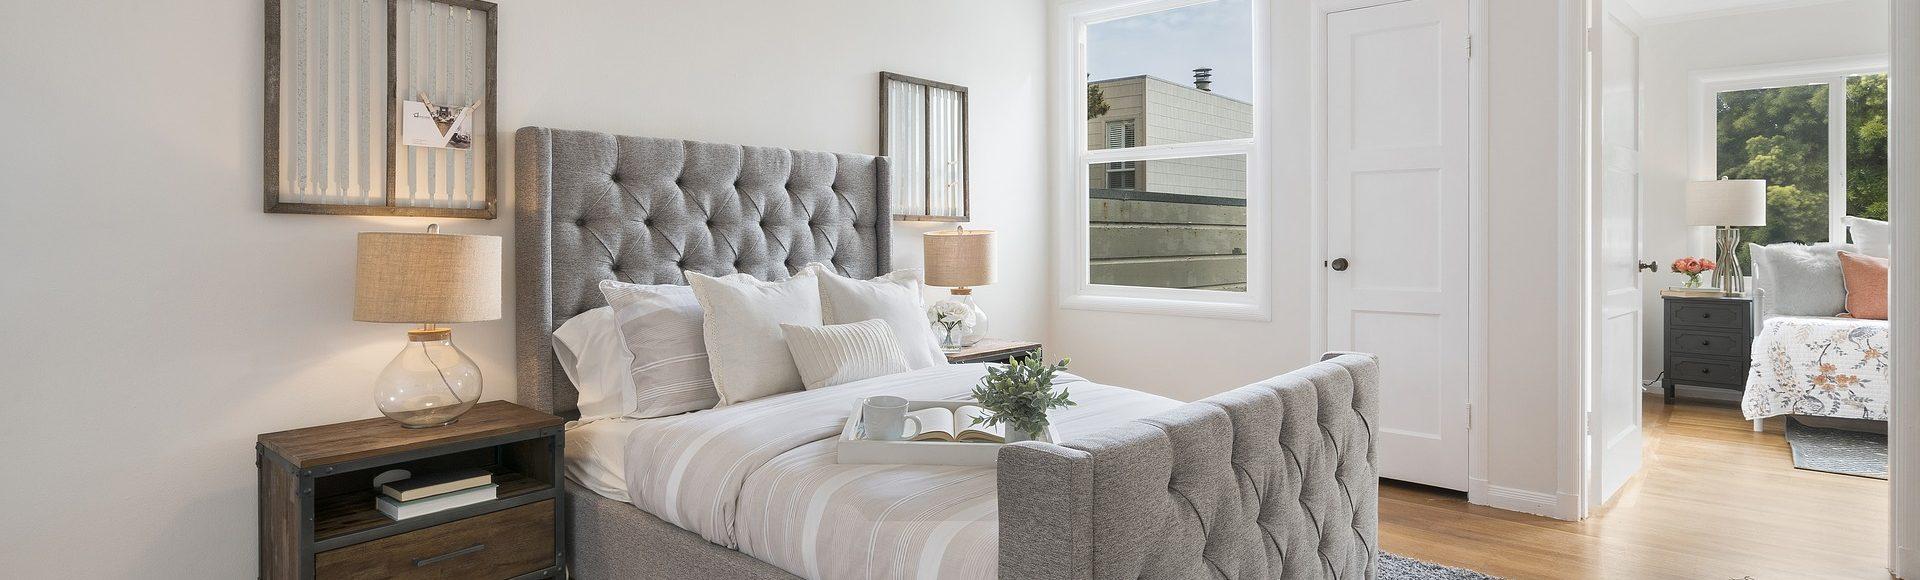 een knusse sfeer in uw slaapkamer met landelijke verlichting